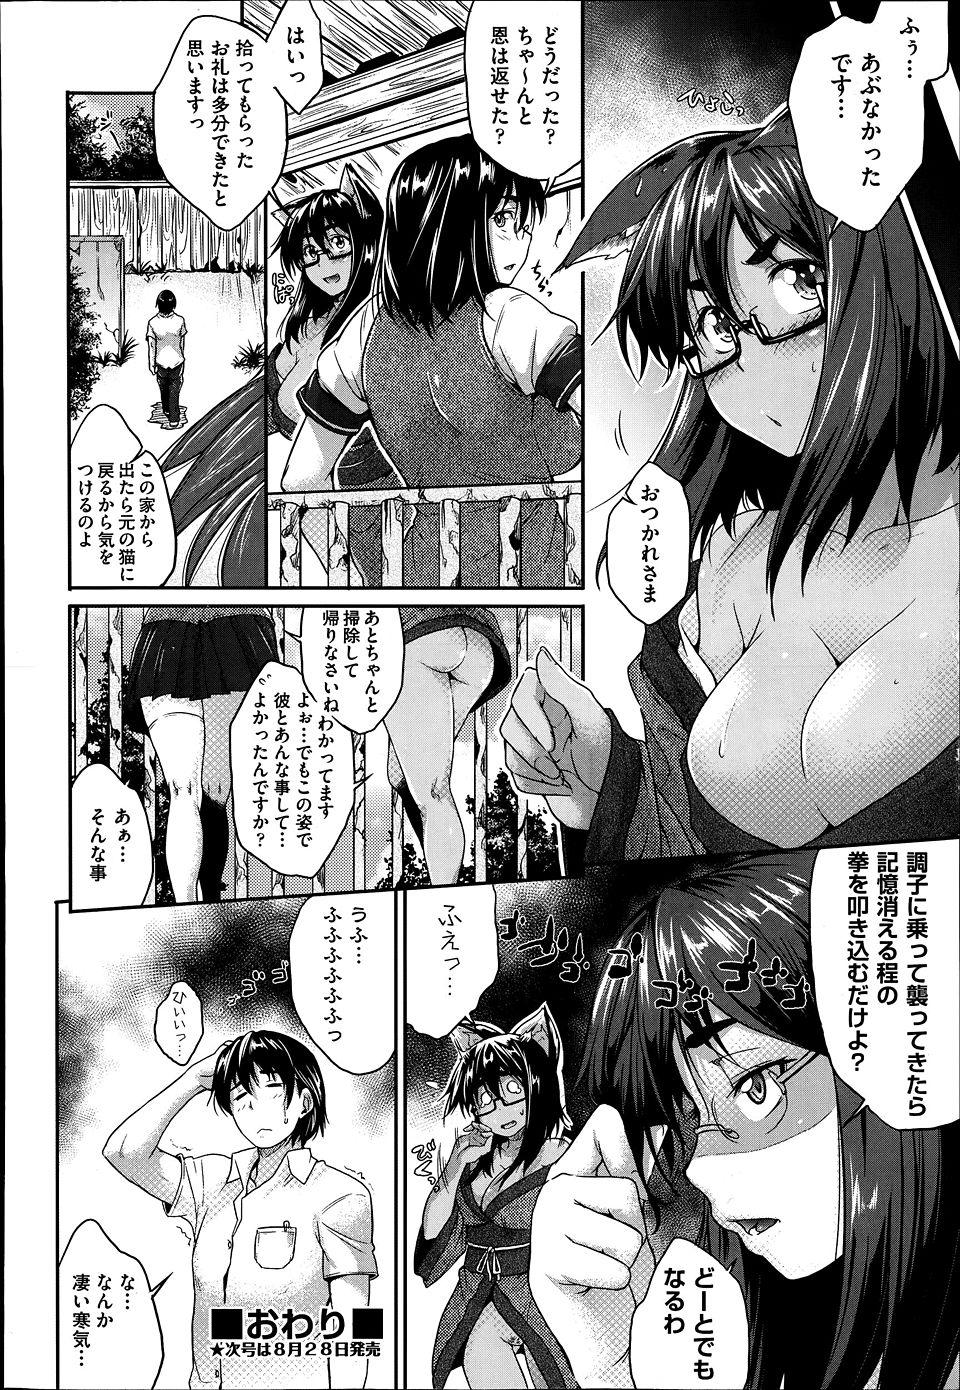 【エロ漫画・エロ同人】巨乳の先輩に家紹介してもらって部屋に入ったらチンコ弄ってきたwww (24)